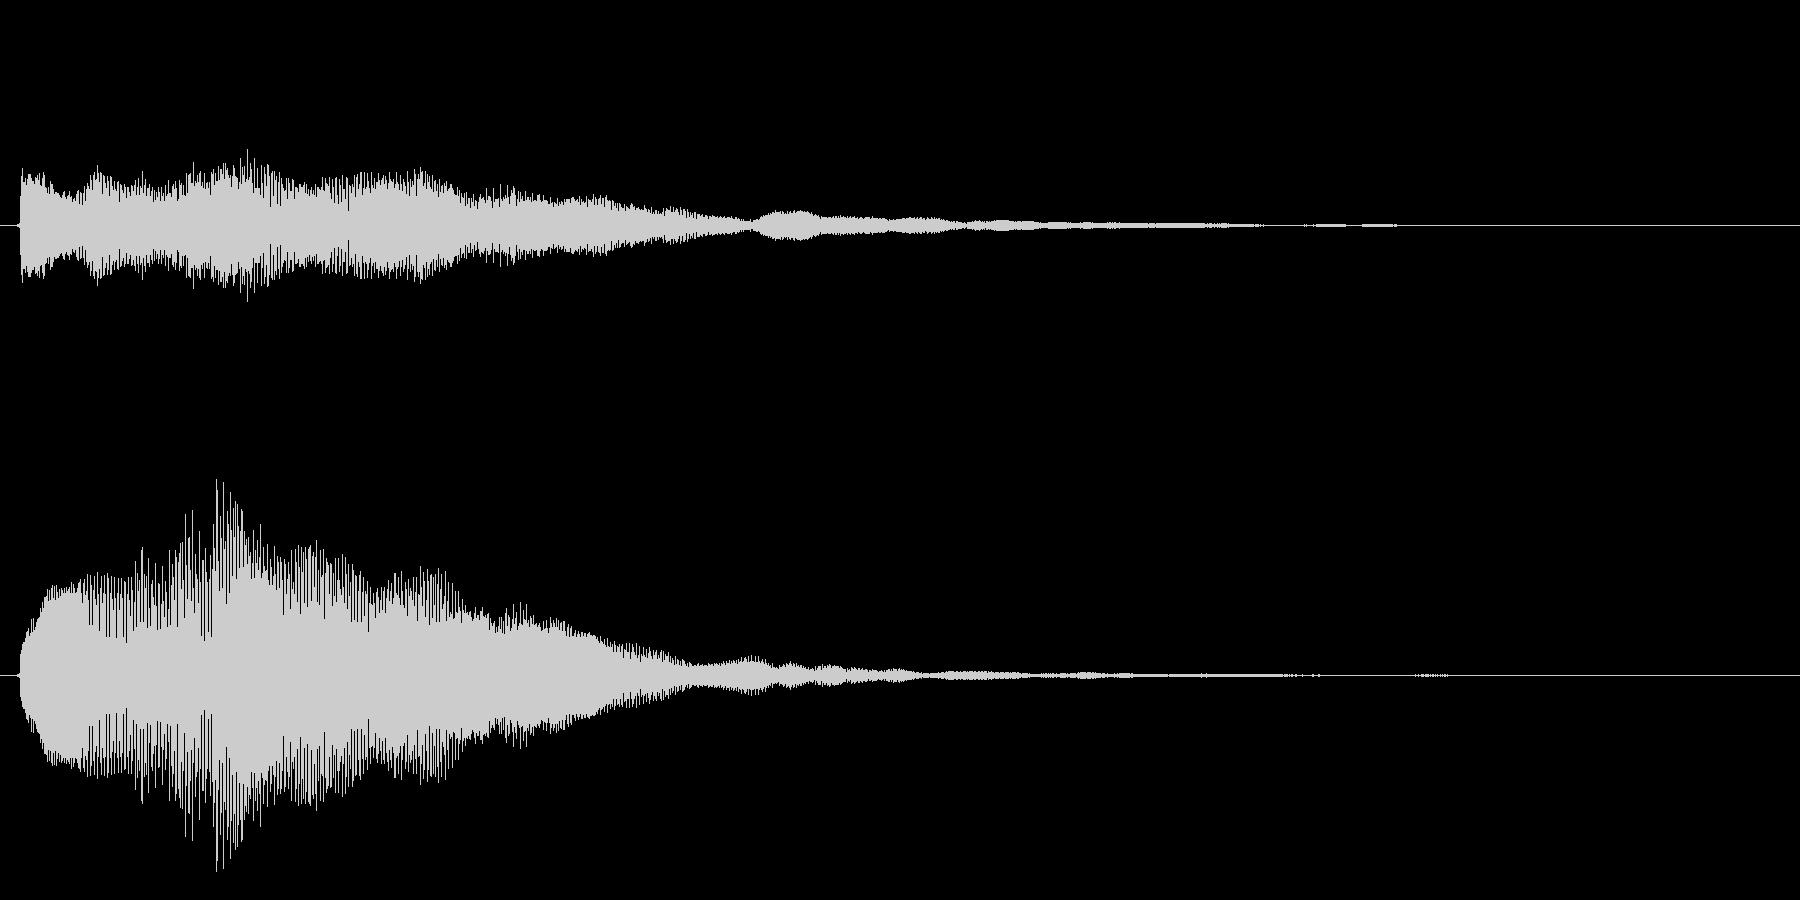 キラキラしたベルの上昇音2の未再生の波形